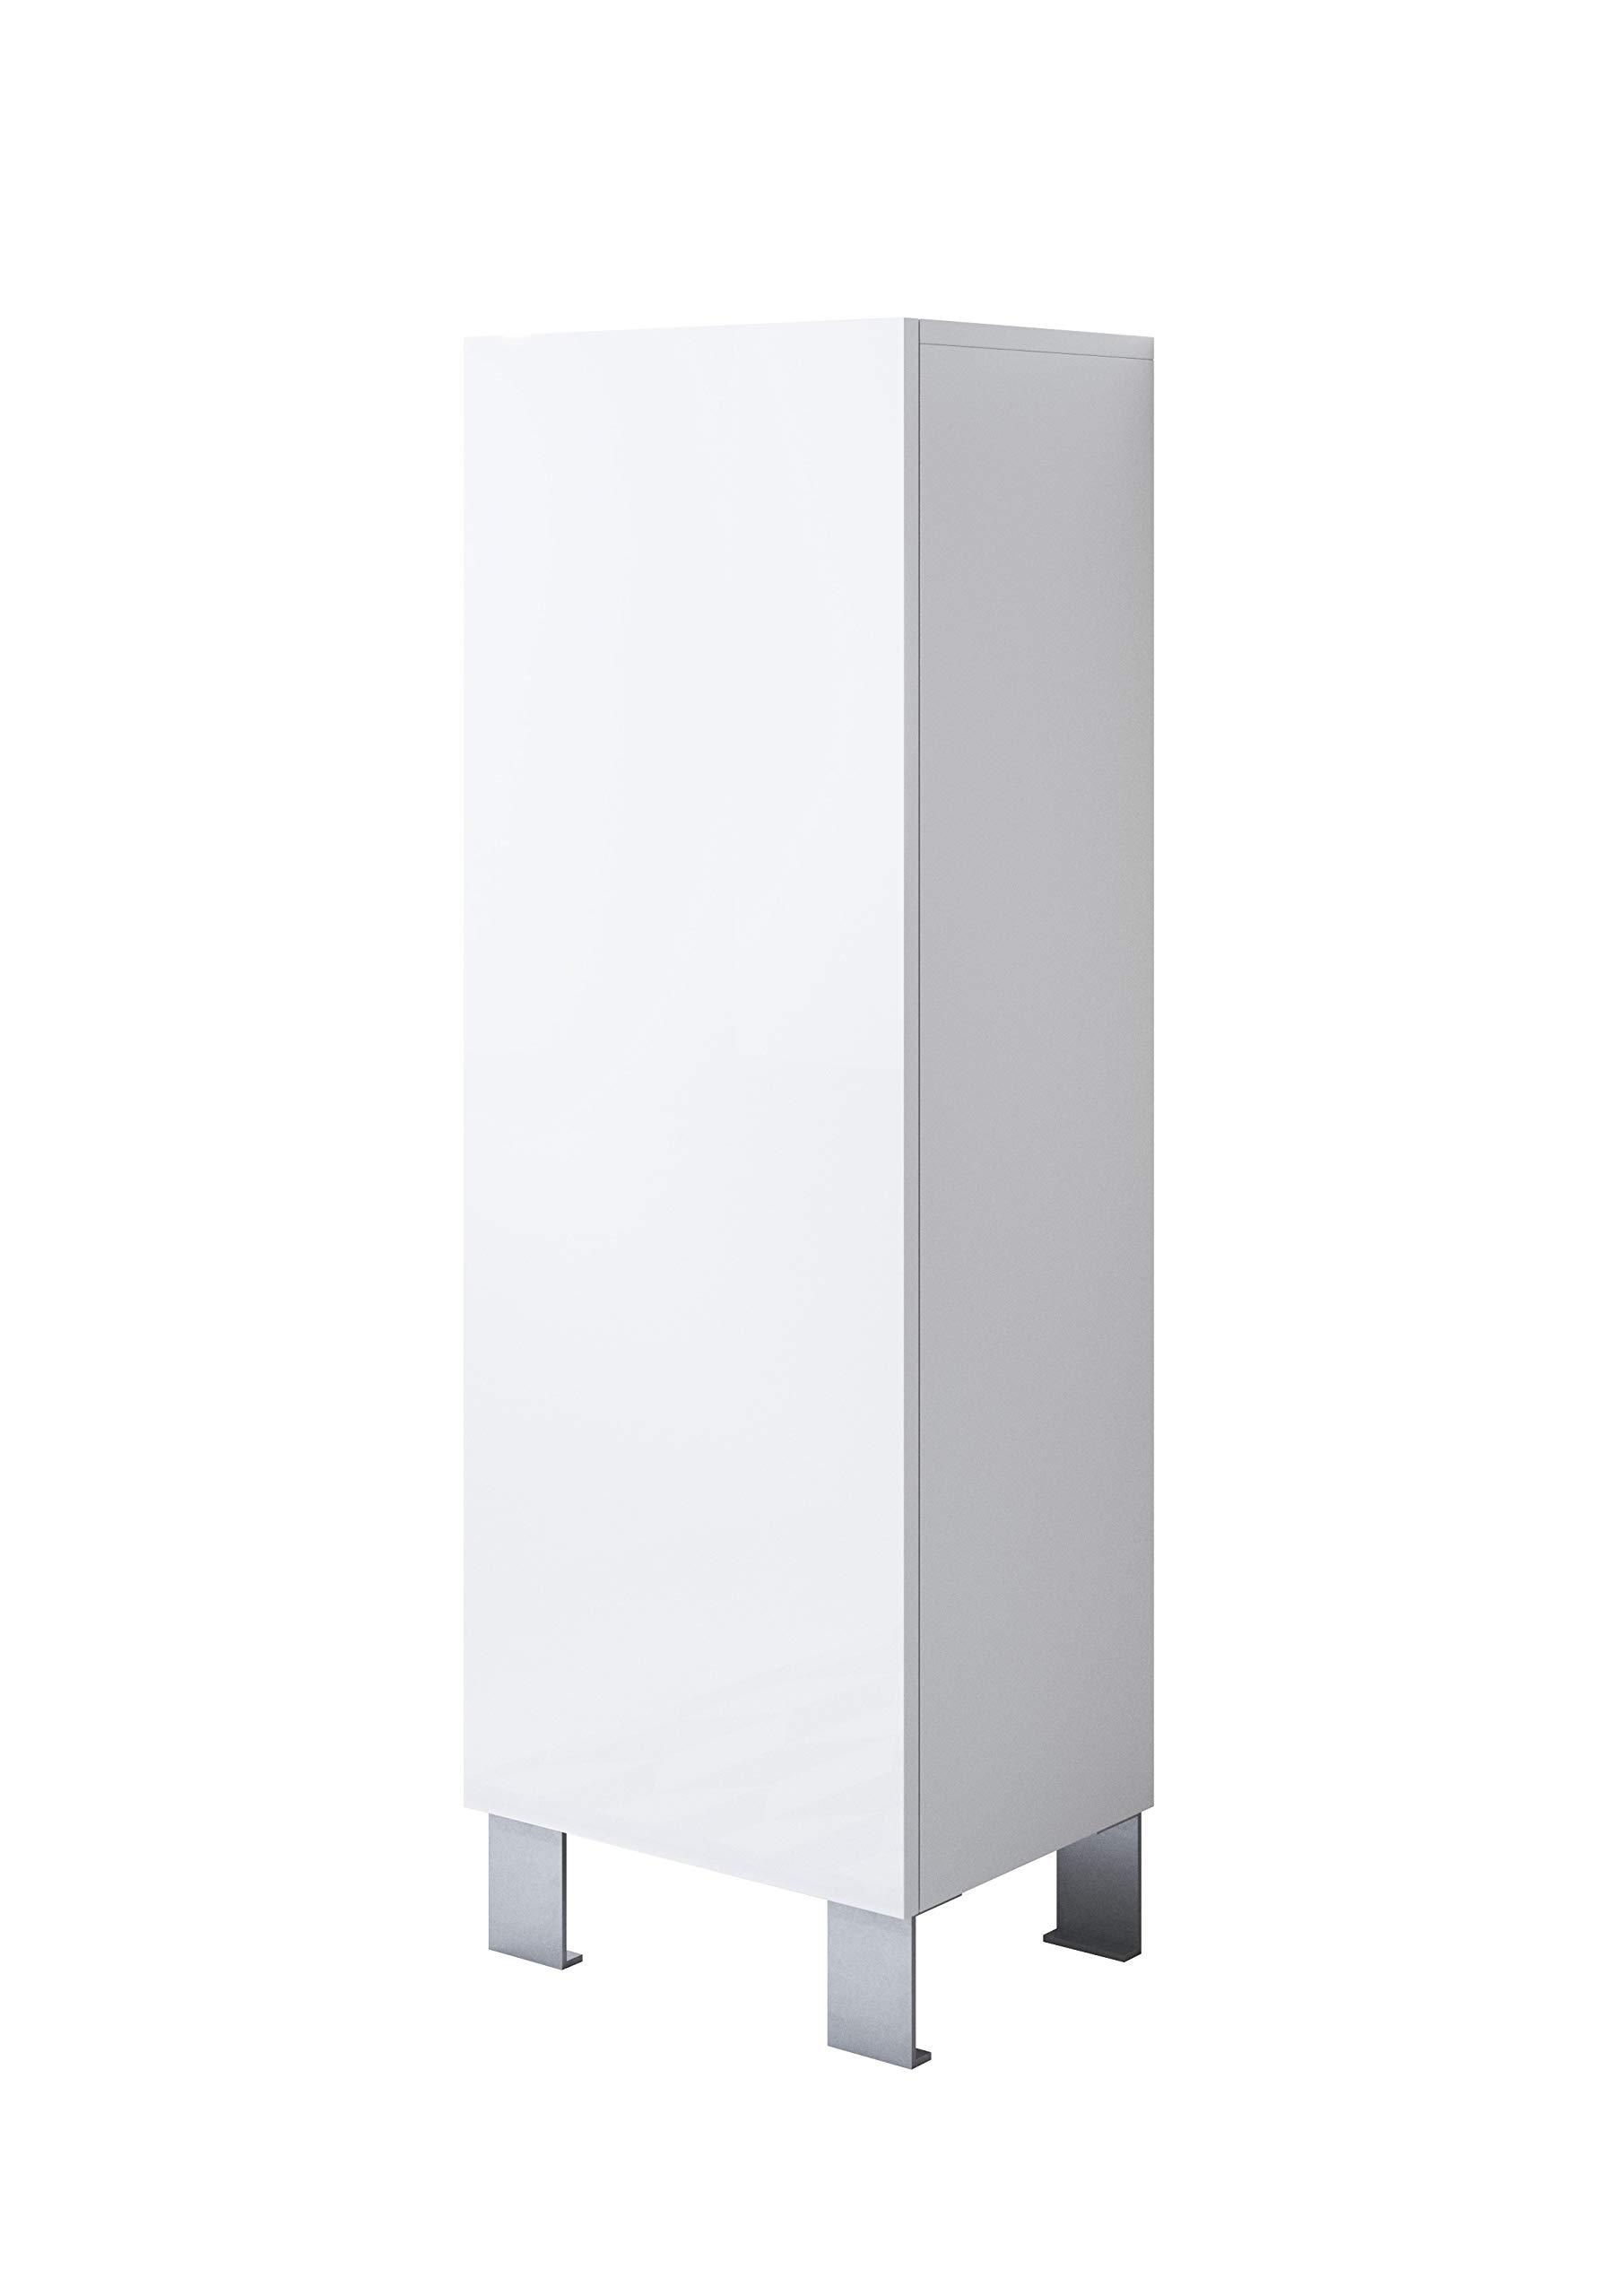 muebles bonitos Mueble Modelo Luke V1 (40 x 138 cm) Color Blanco con Patas de Aluminio: Amazon.es: Hogar